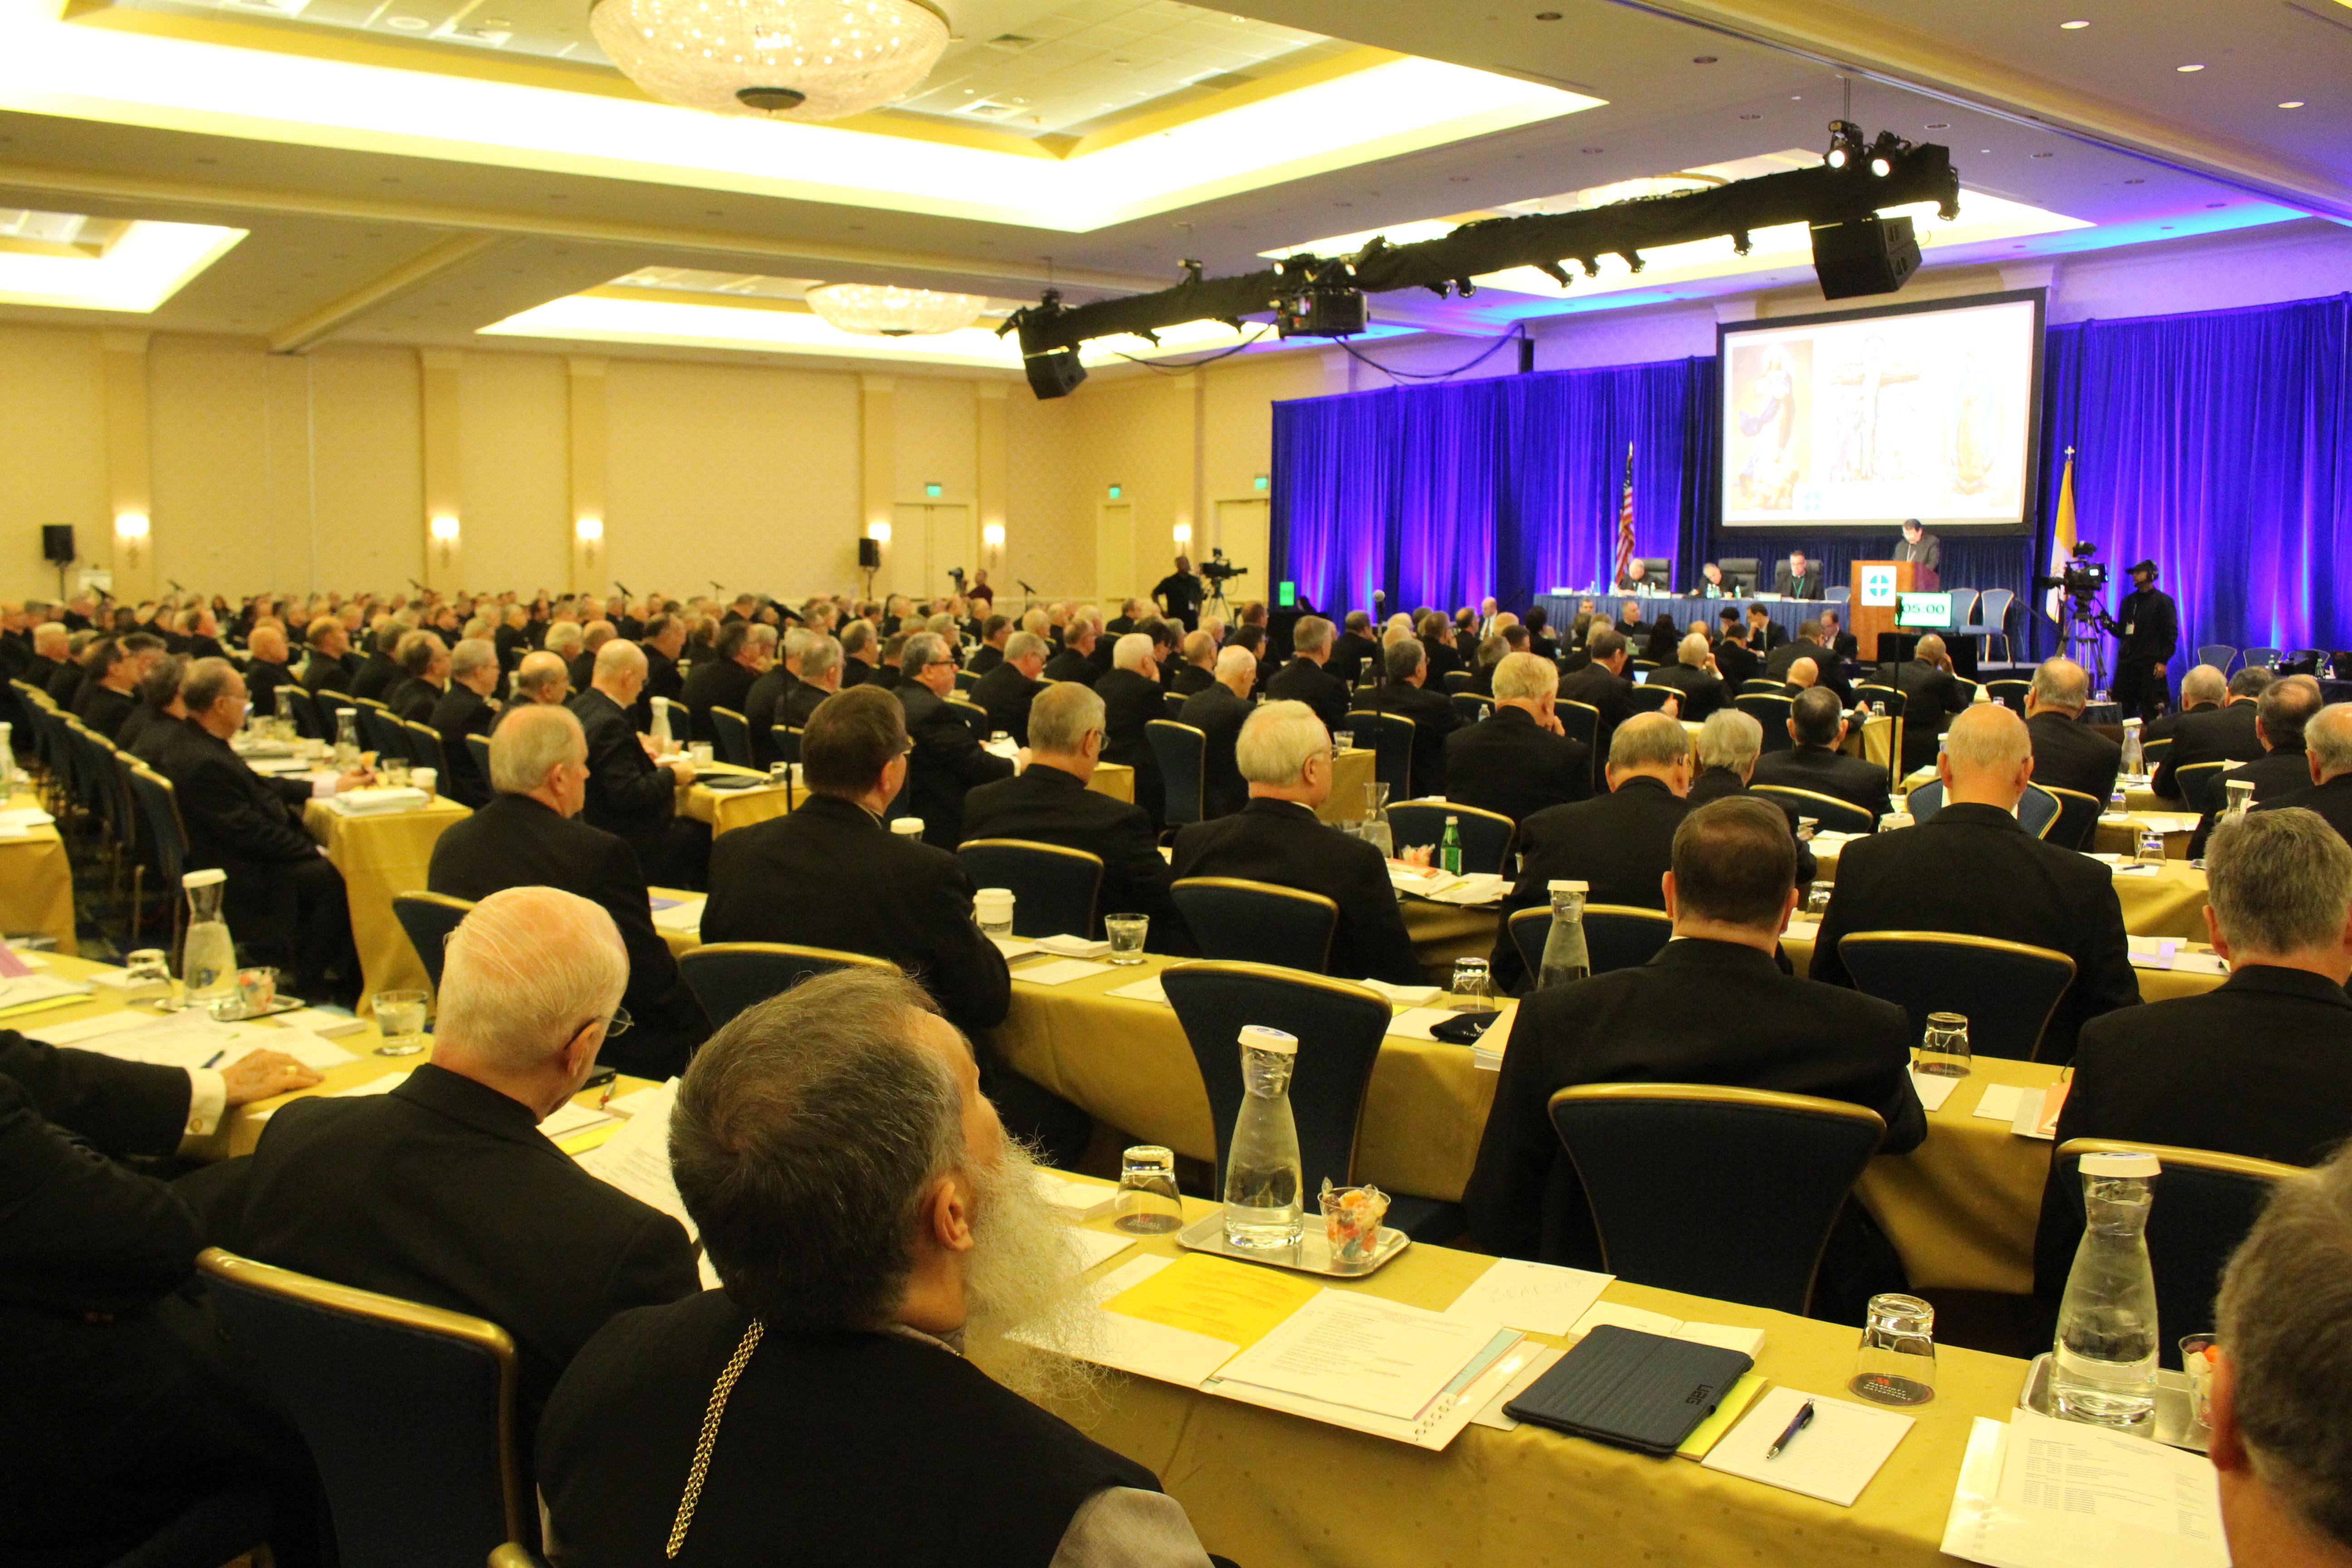 Asamblea General de los Obispos de EEUU © Enrique Soros